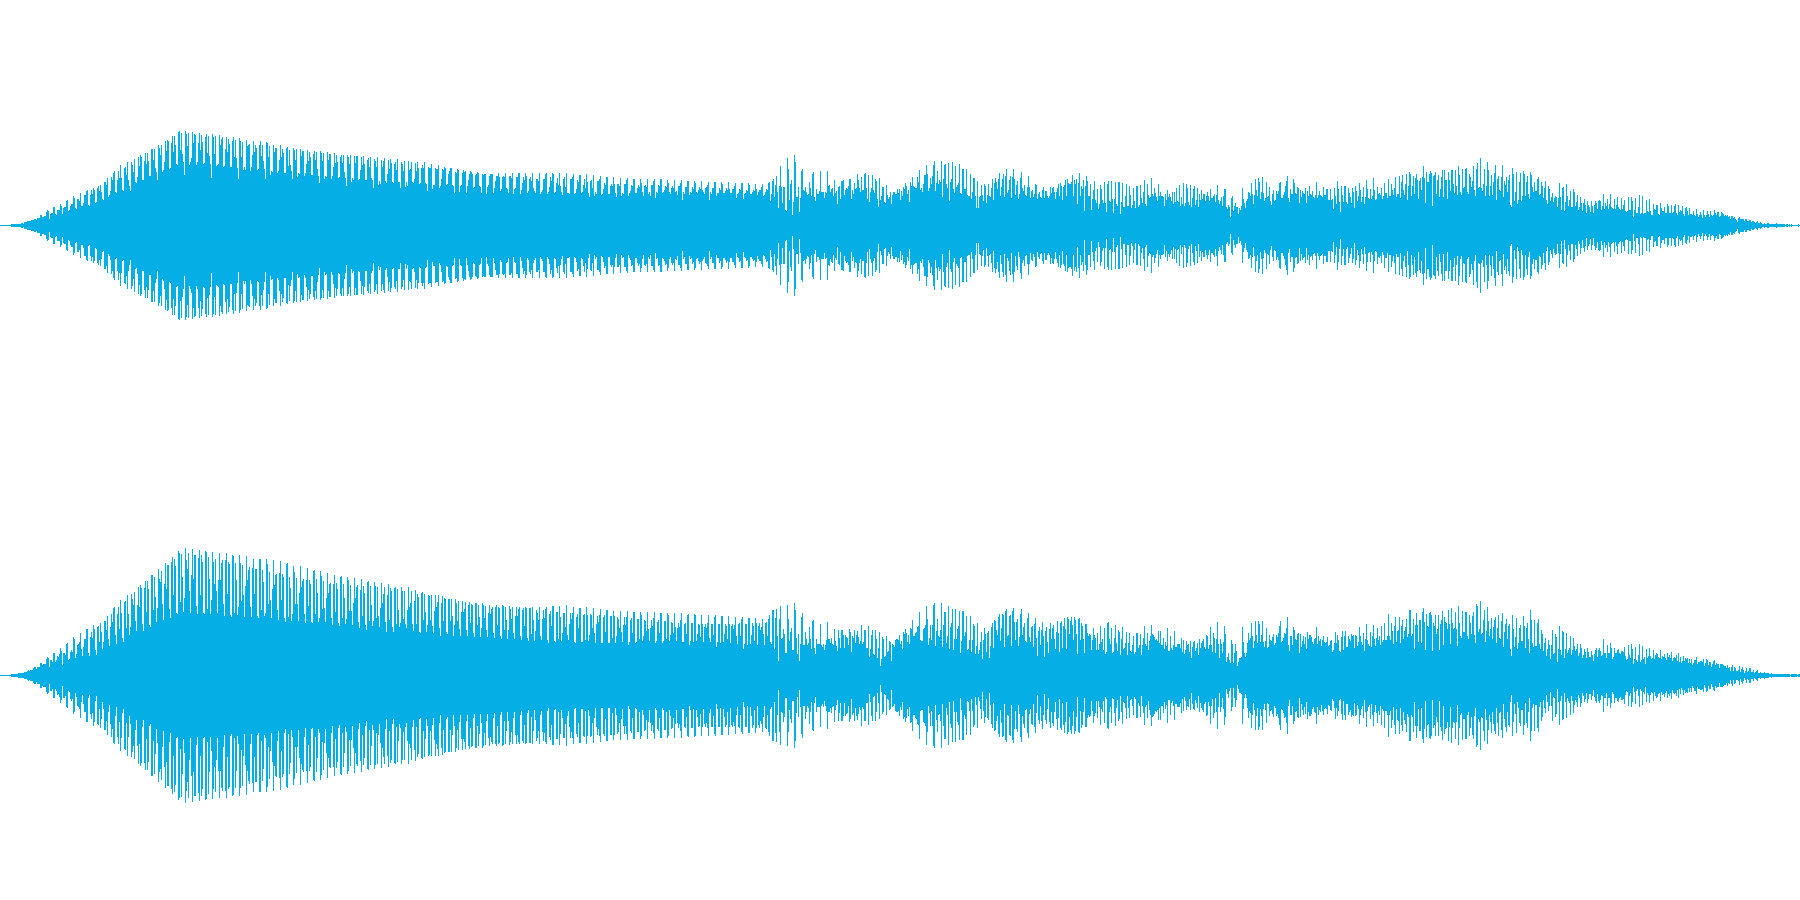 重低音シンセ 効果音 ブォーンの再生済みの波形